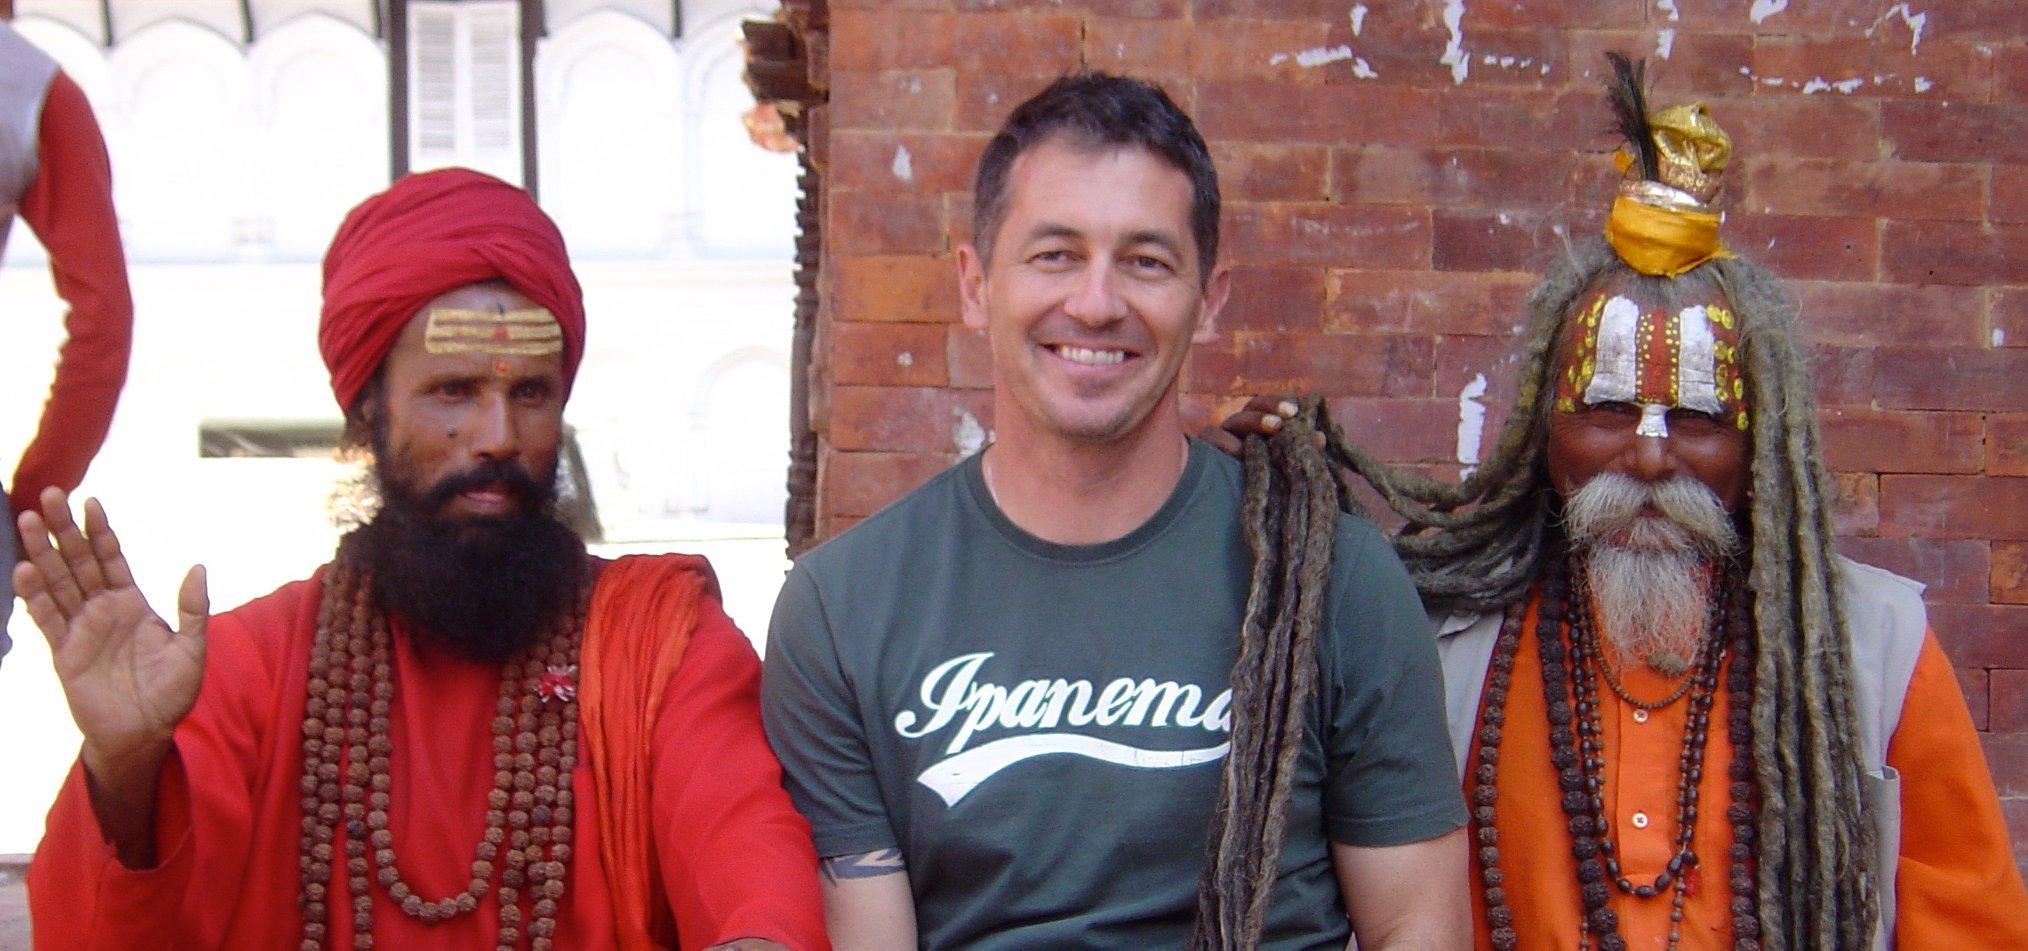 राजदूत बेरीले दिए नेपाली भाषामा शिवरात्रिको शुभकामना